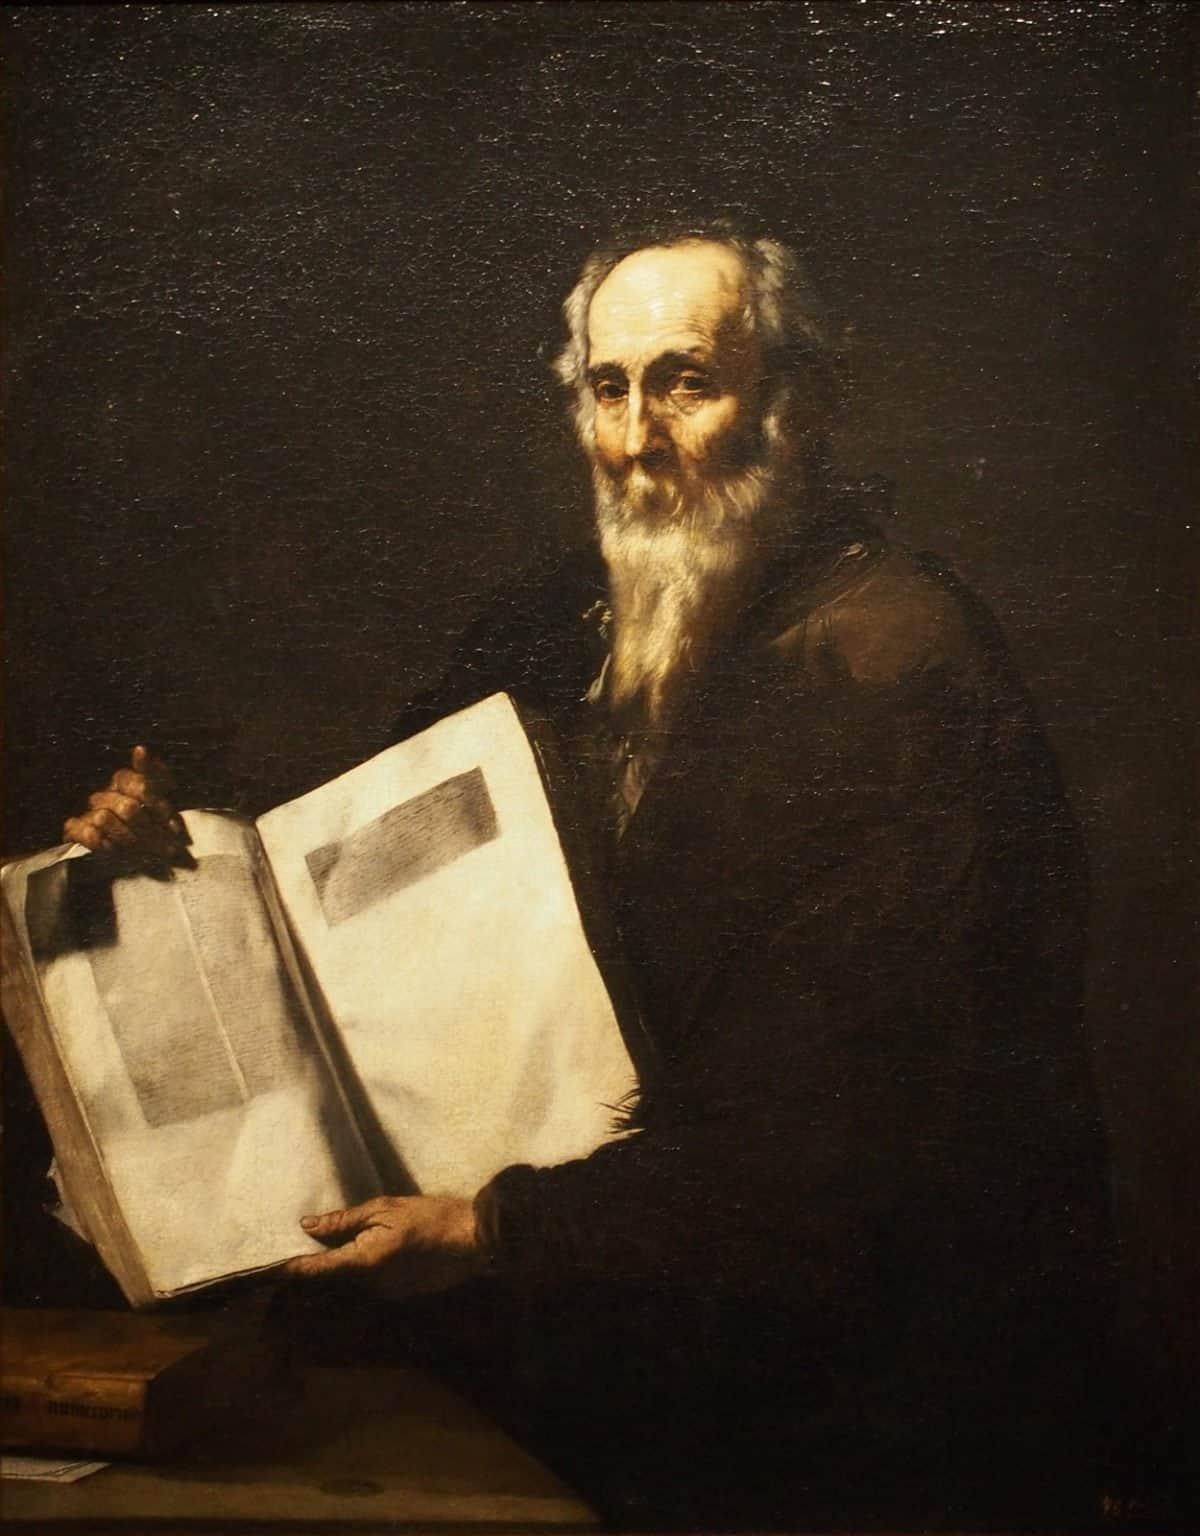 bibliografia de pitagoras samos el primer matematico puro bibliografía de pitágoras de samos, el primer matemático puro ID171984 - hermandadblanca.org